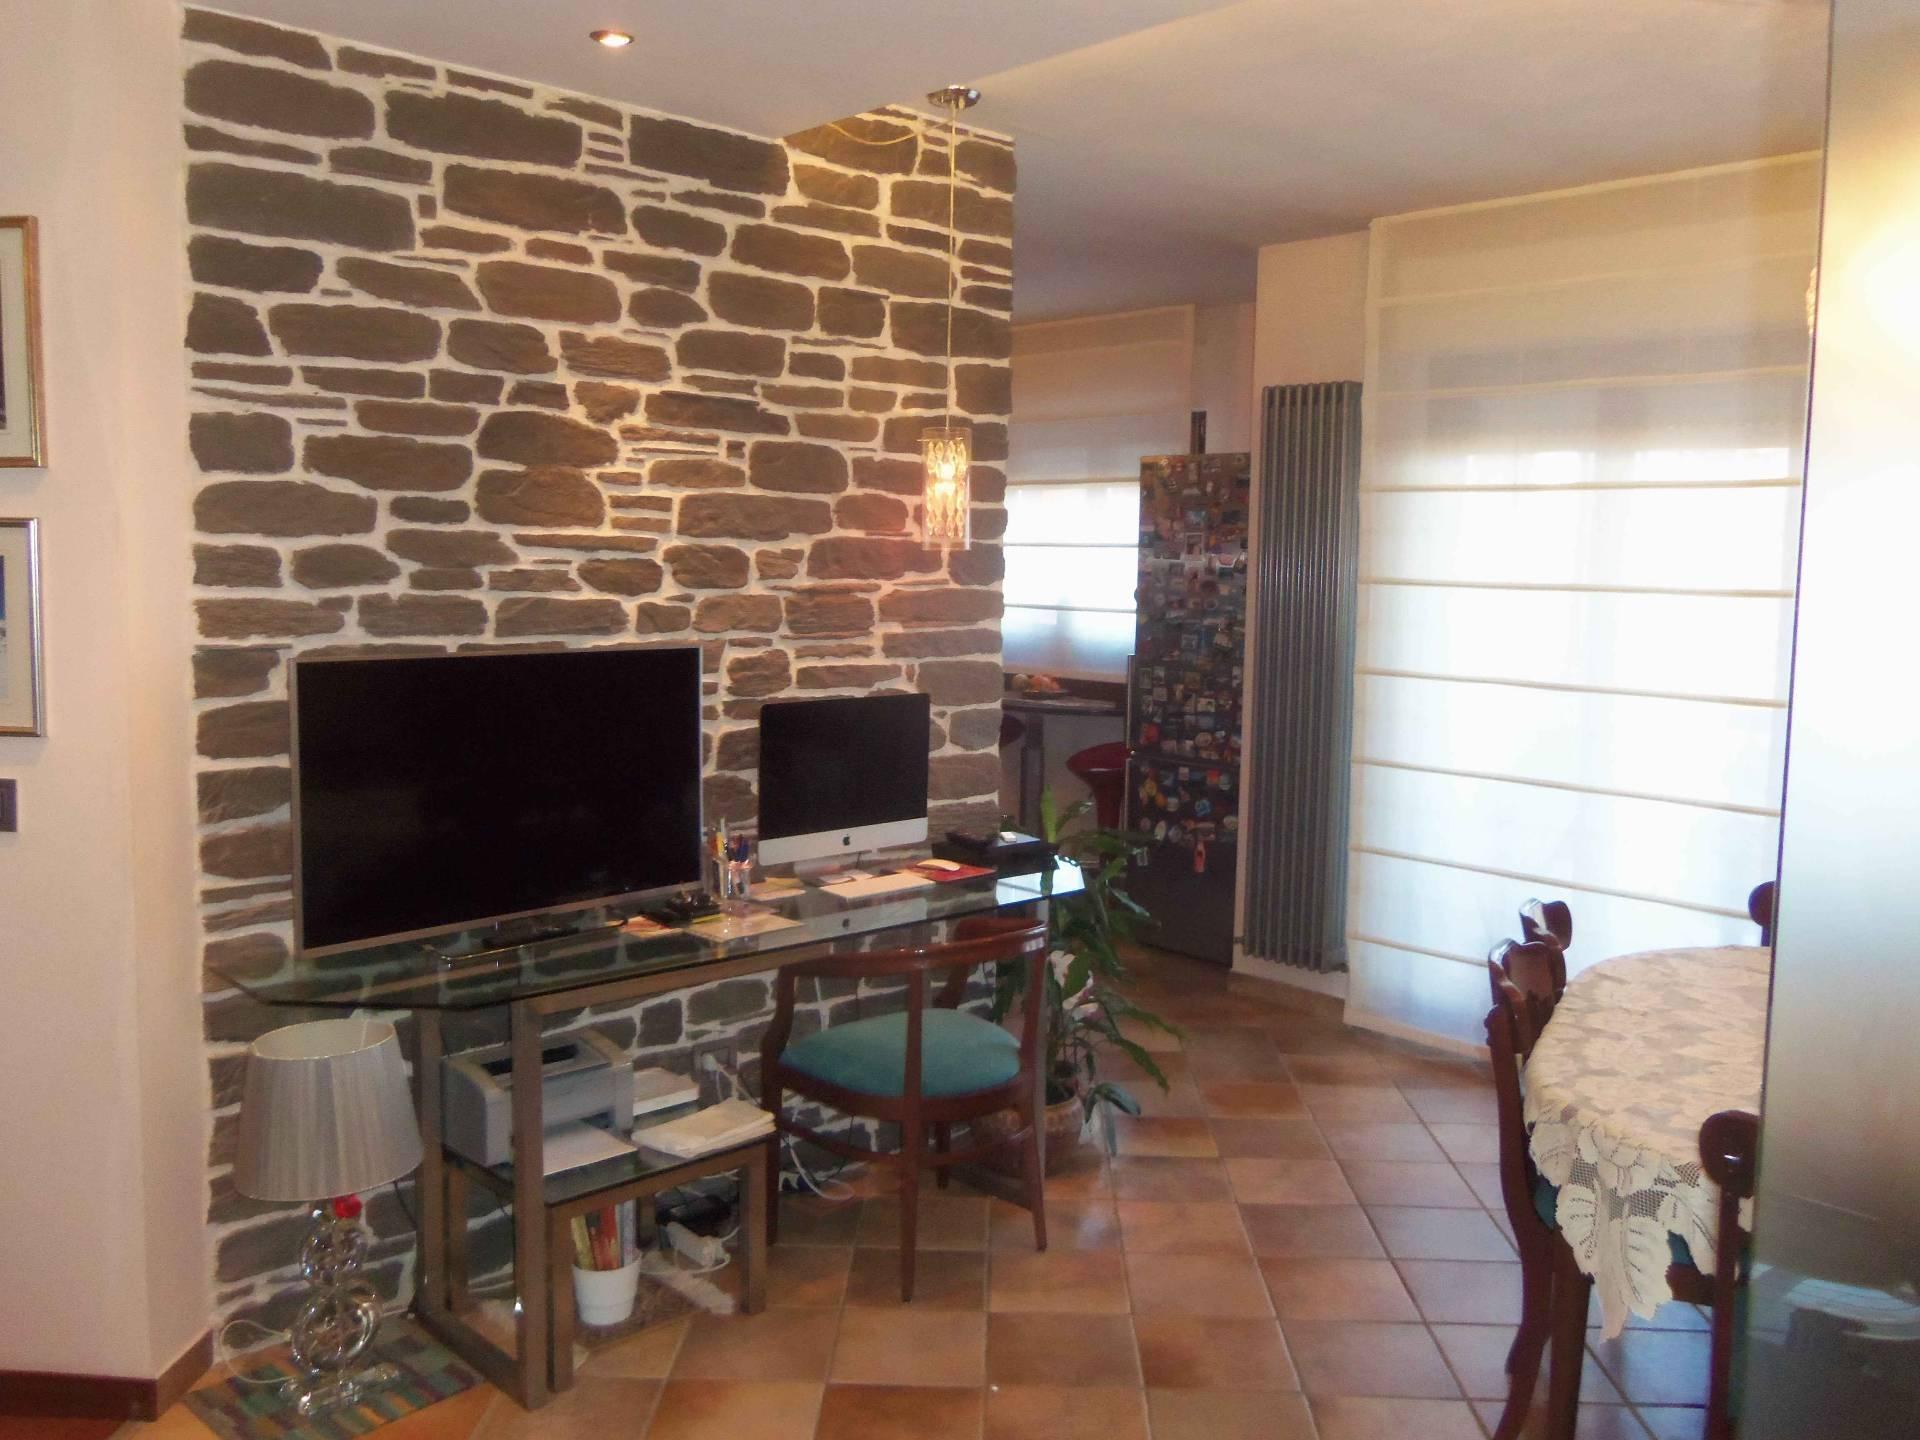 Appartamento in vendita a Acquaviva Picena, 5 locali, zona Località: Residenziale, prezzo € 135.000   PortaleAgenzieImmobiliari.it